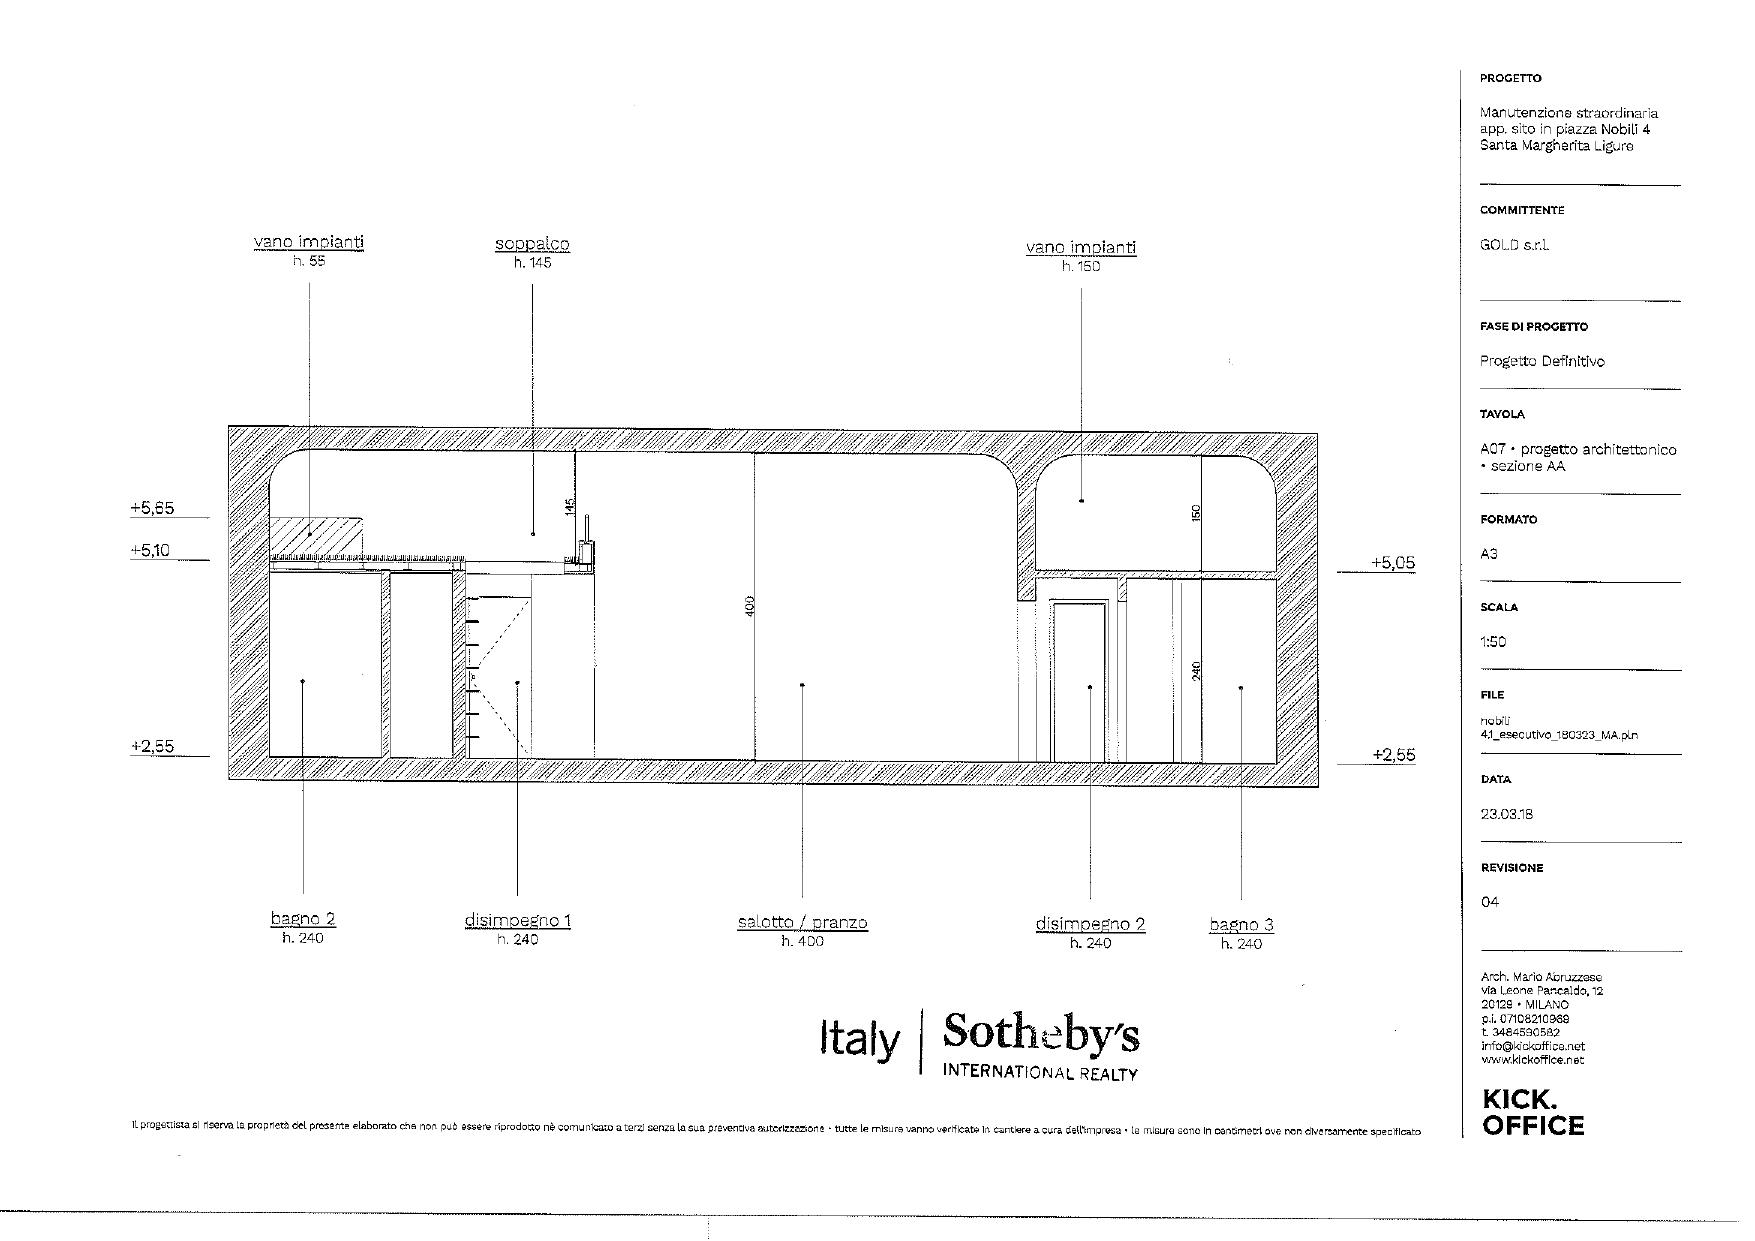 Appartamento in Vendita a Santa Margherita Ligure: 5 locali, 150 mq - Foto 25